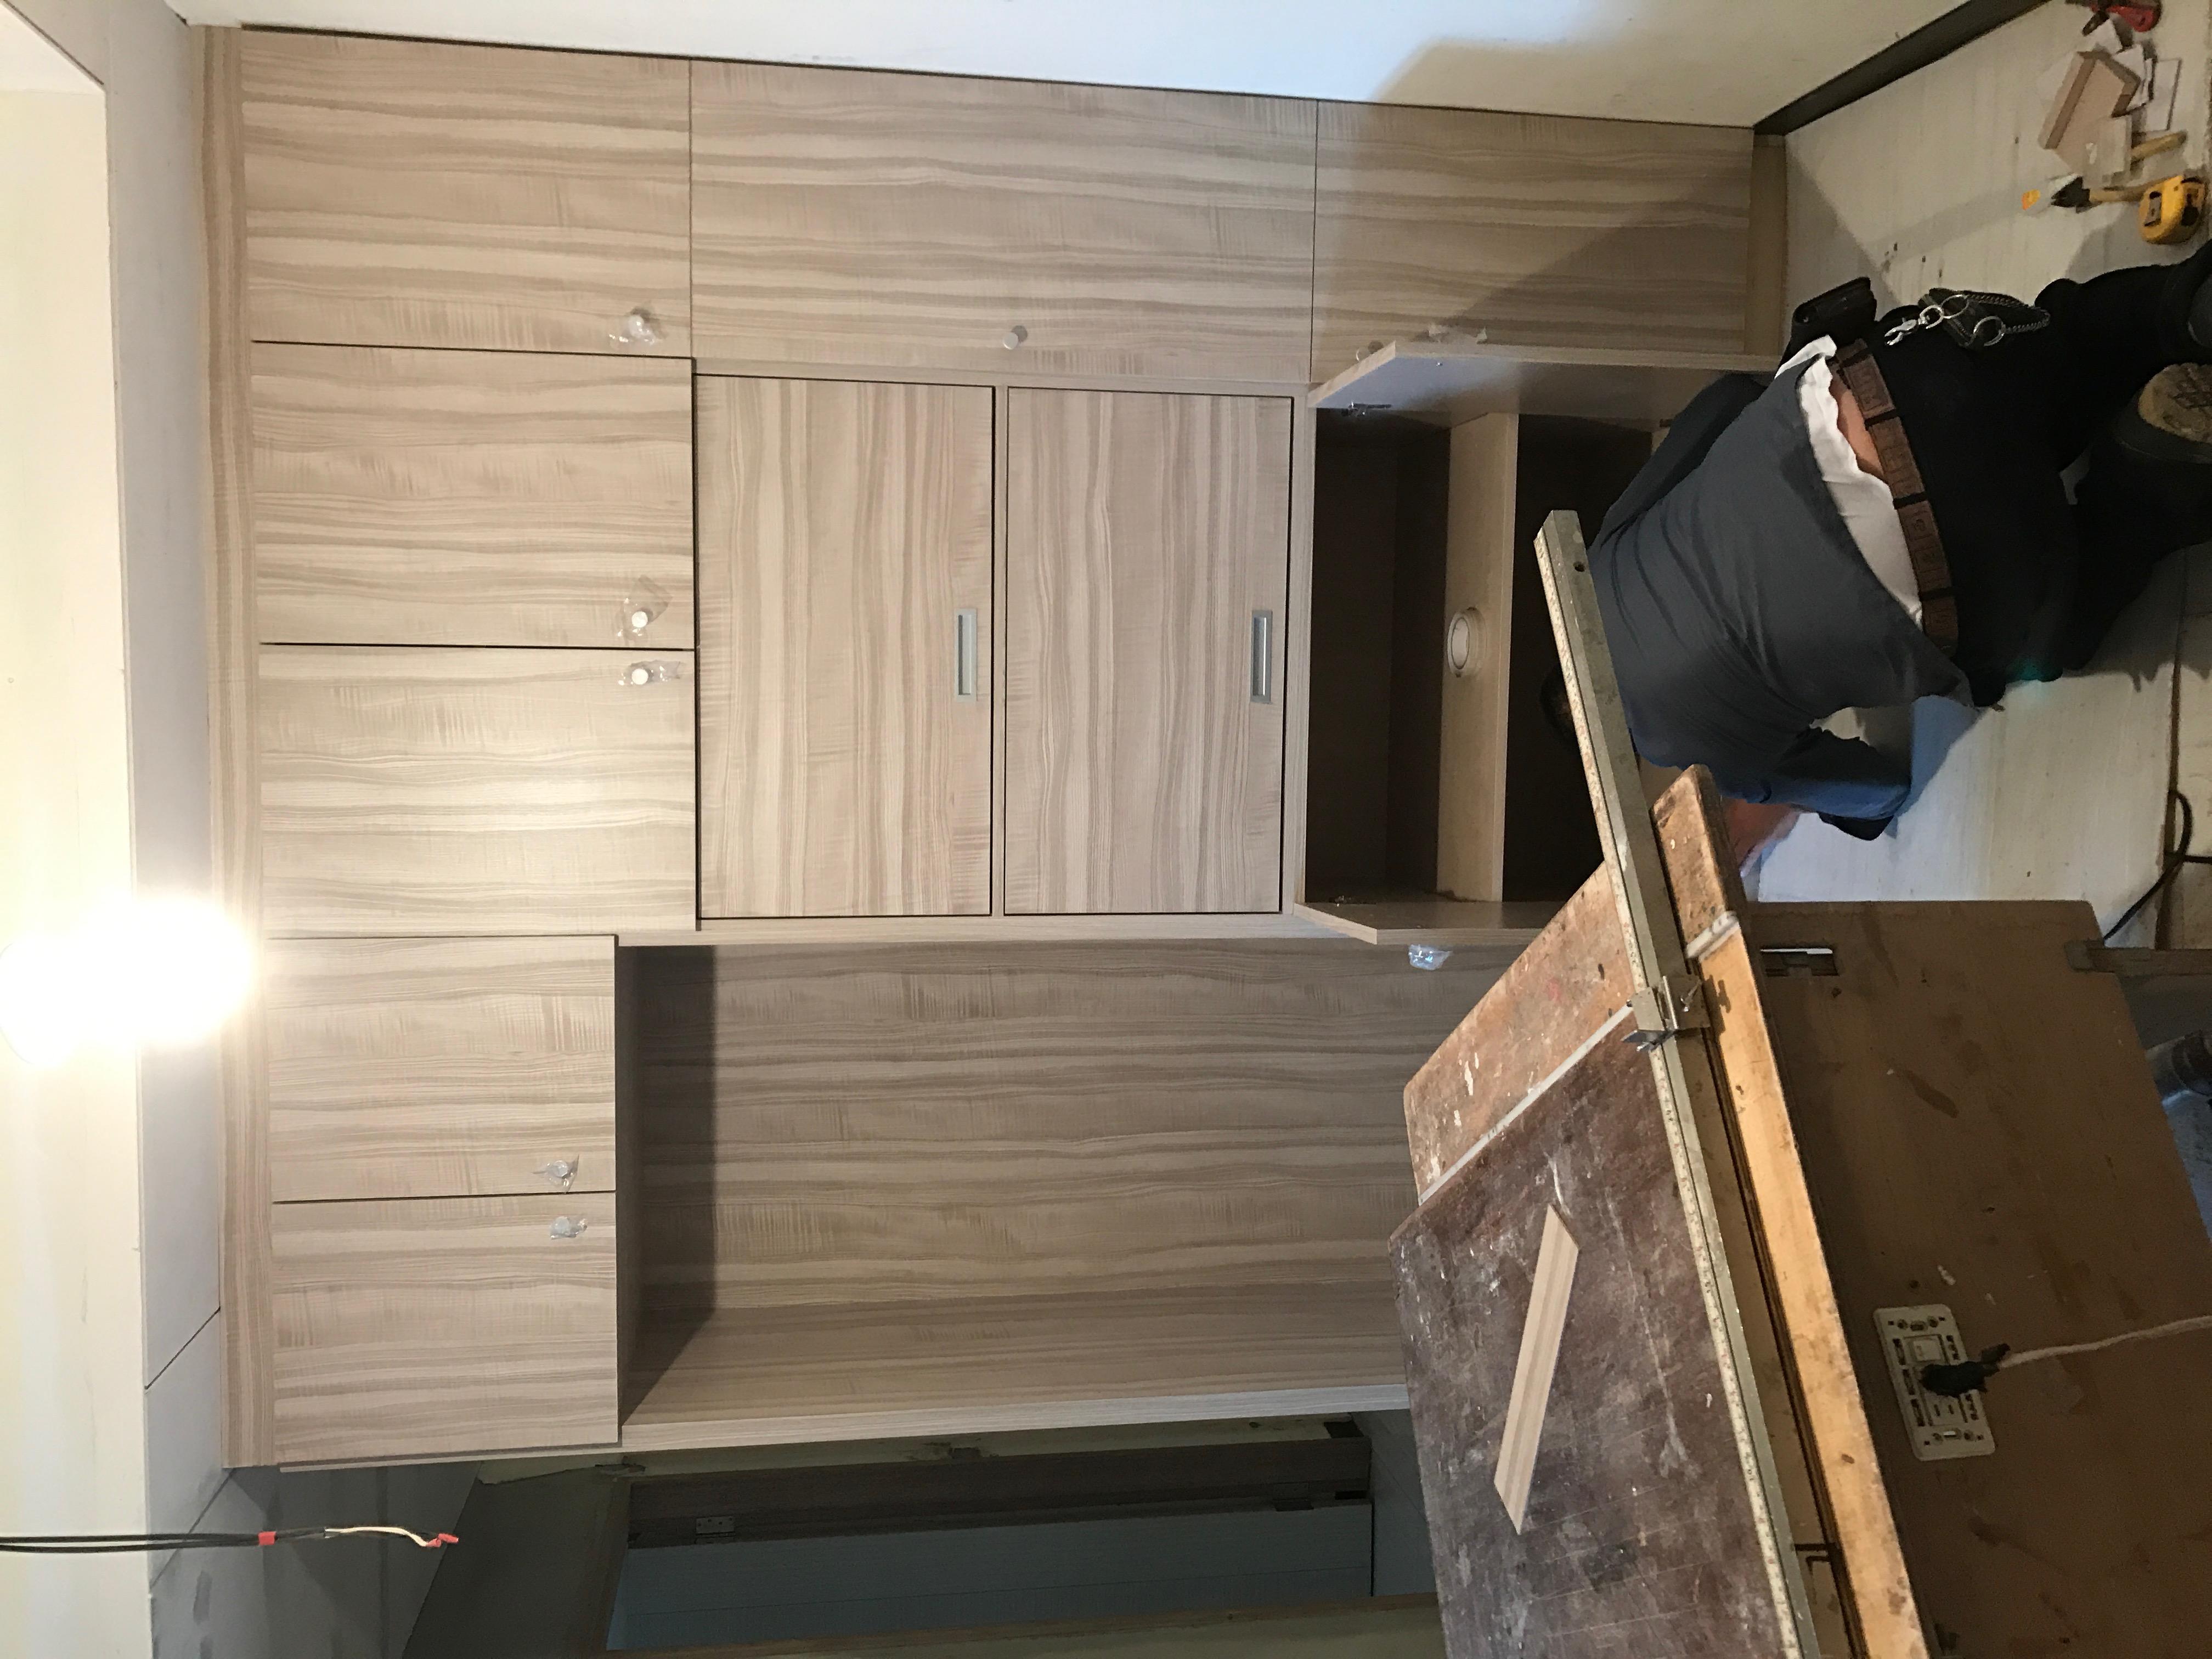 台北市住家室內裝潢衣櫃系統櫃木工 (9)